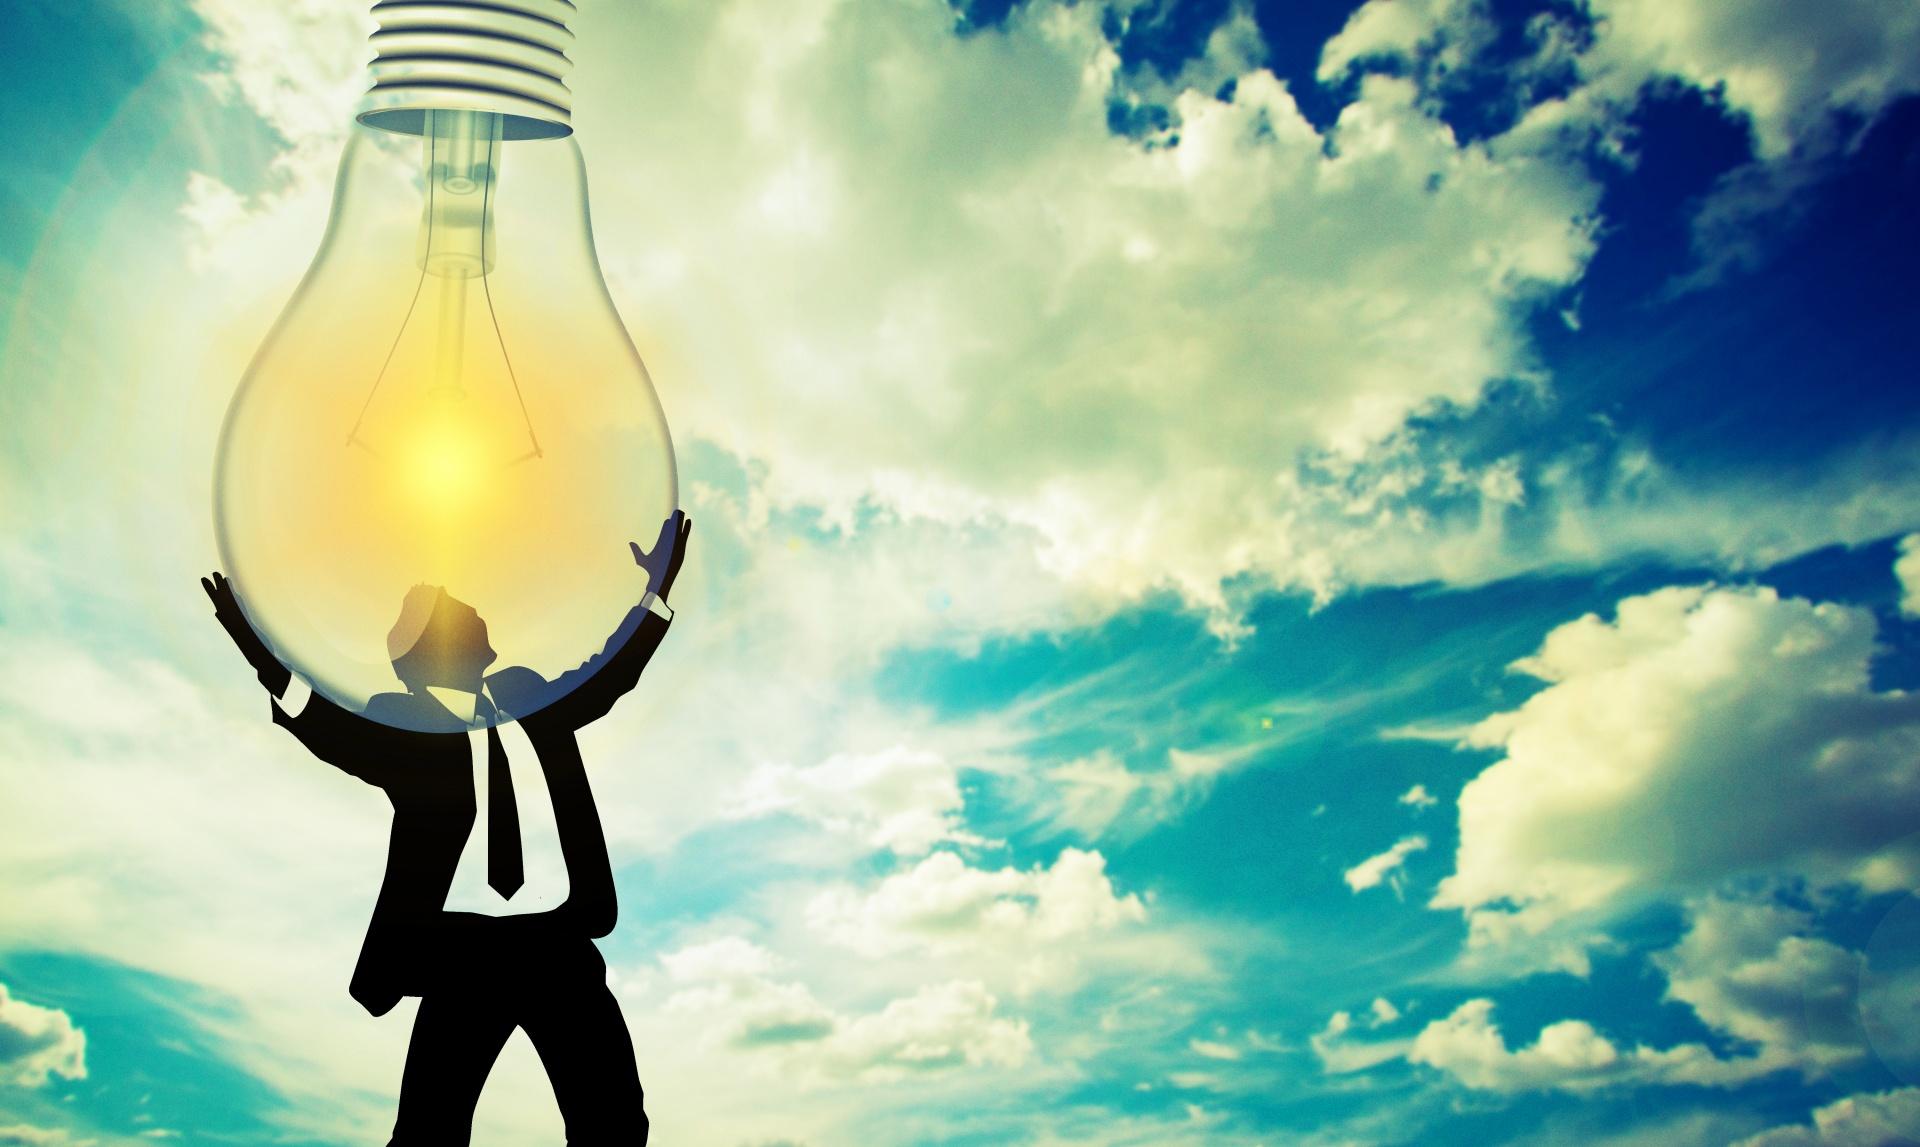 uomo, cielo, energie rinnovabili, sostenibilità.